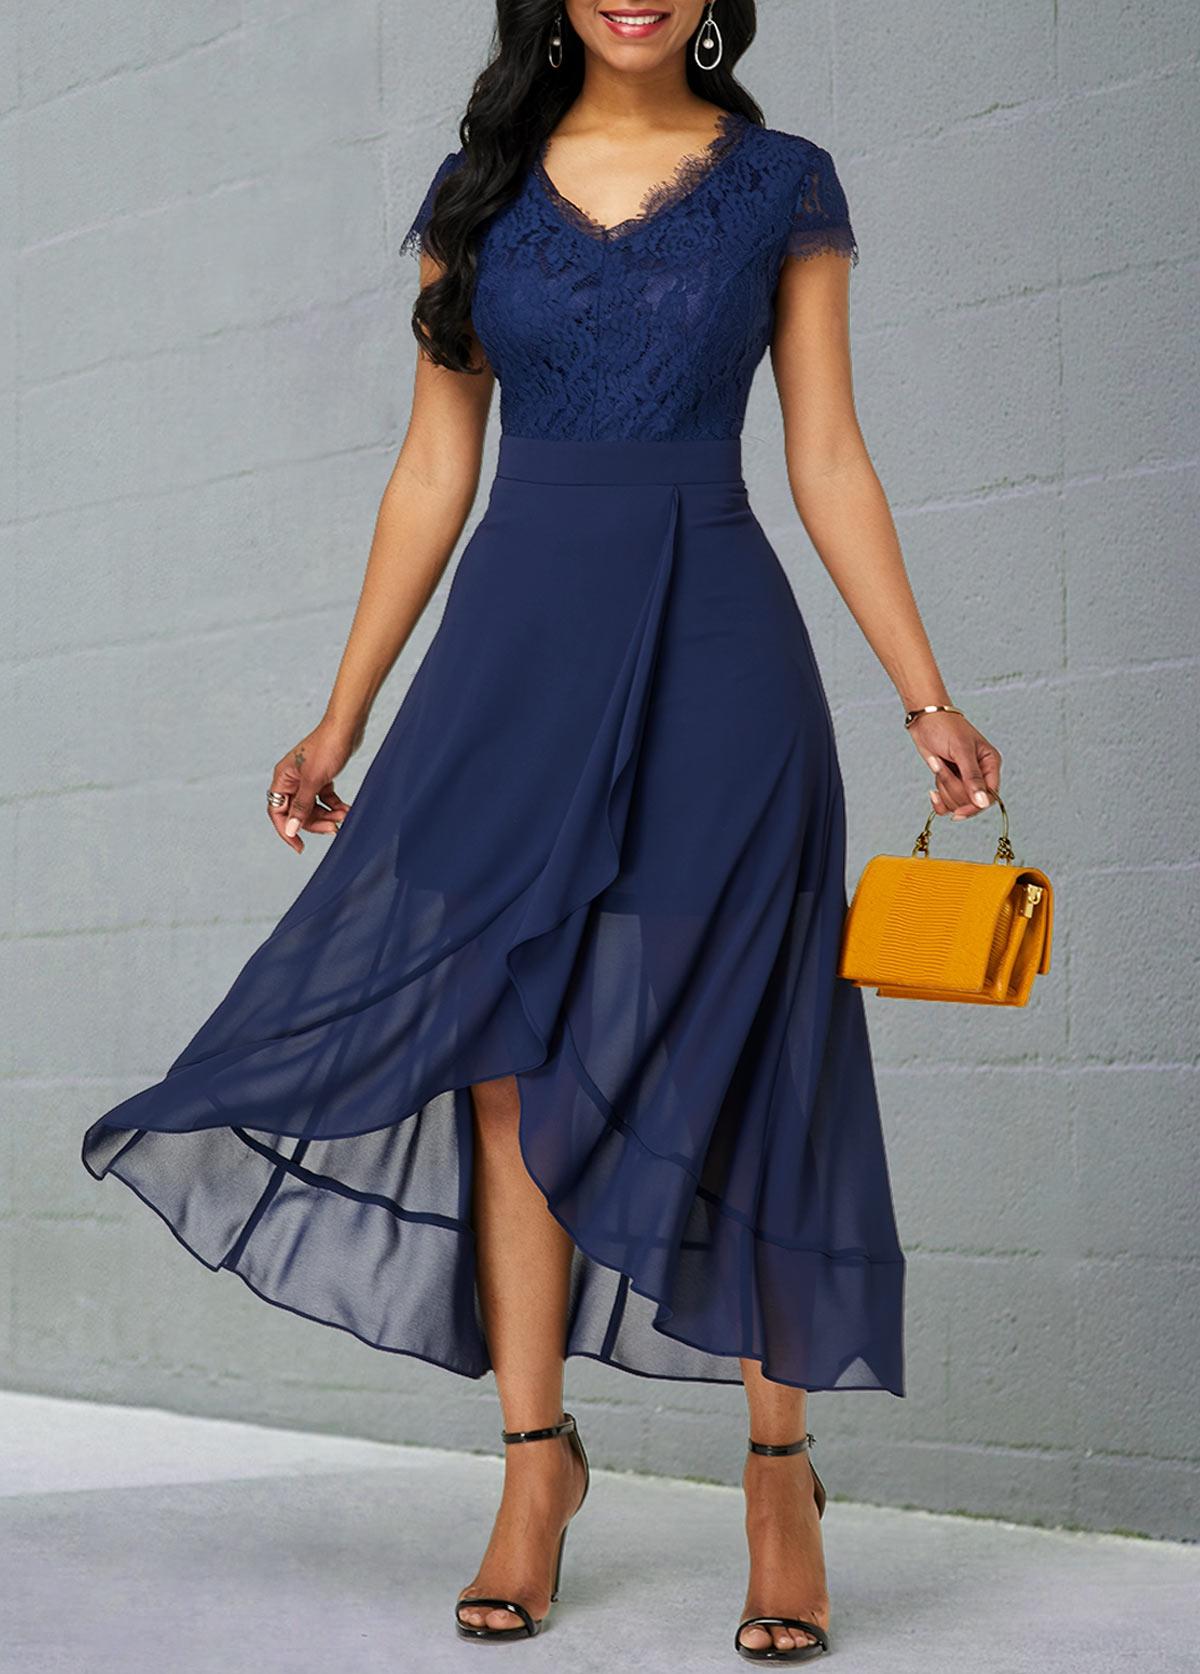 Lace Patchwork V Neck Tulip Hem Chiffon Dress